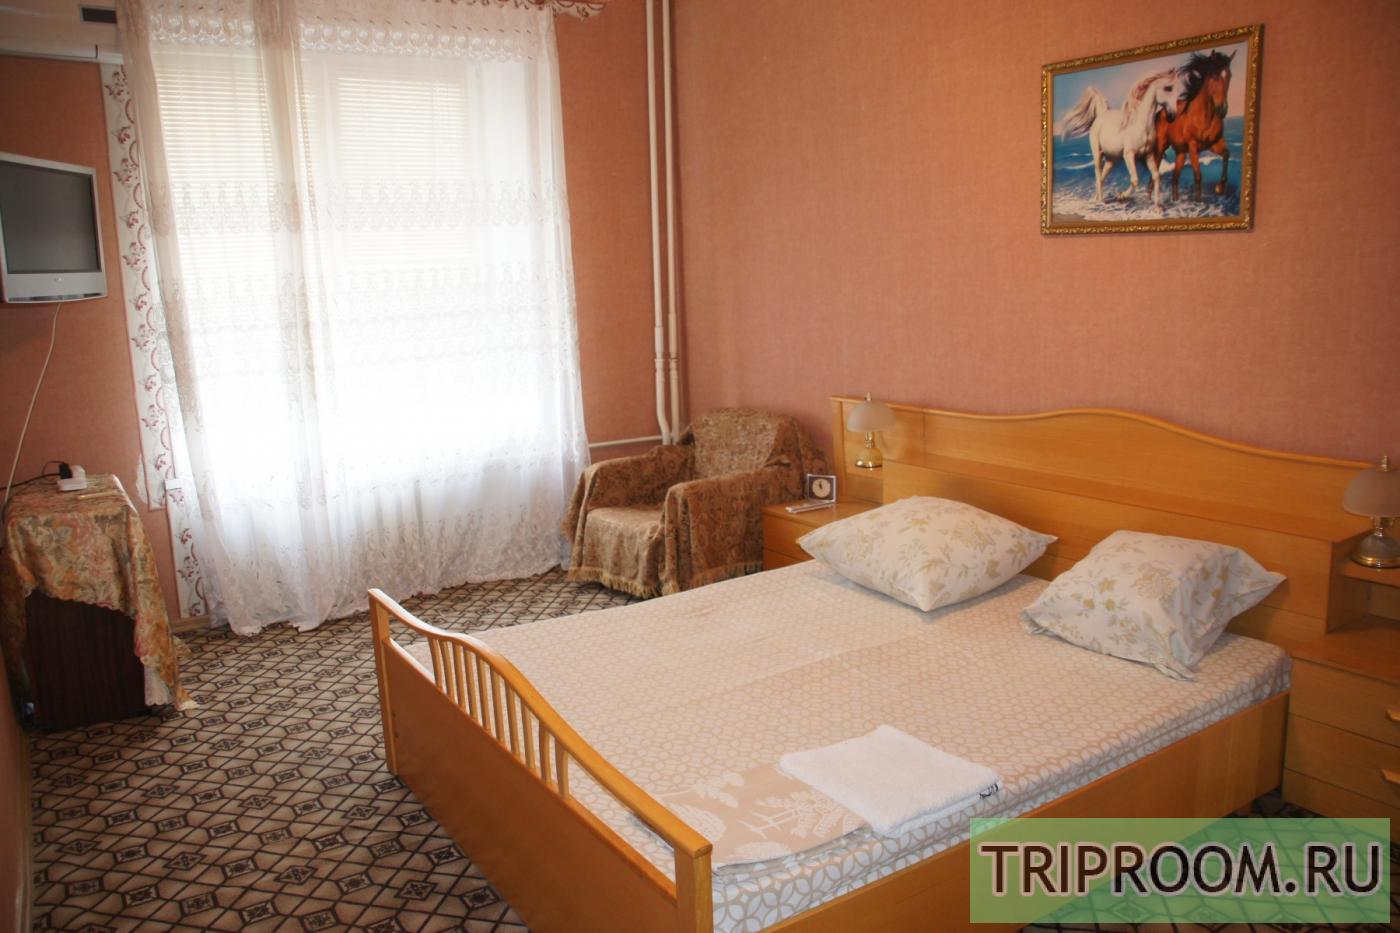 2-комнатная квартира посуточно (вариант № 20151), ул. Комсомольская улица, фото № 2